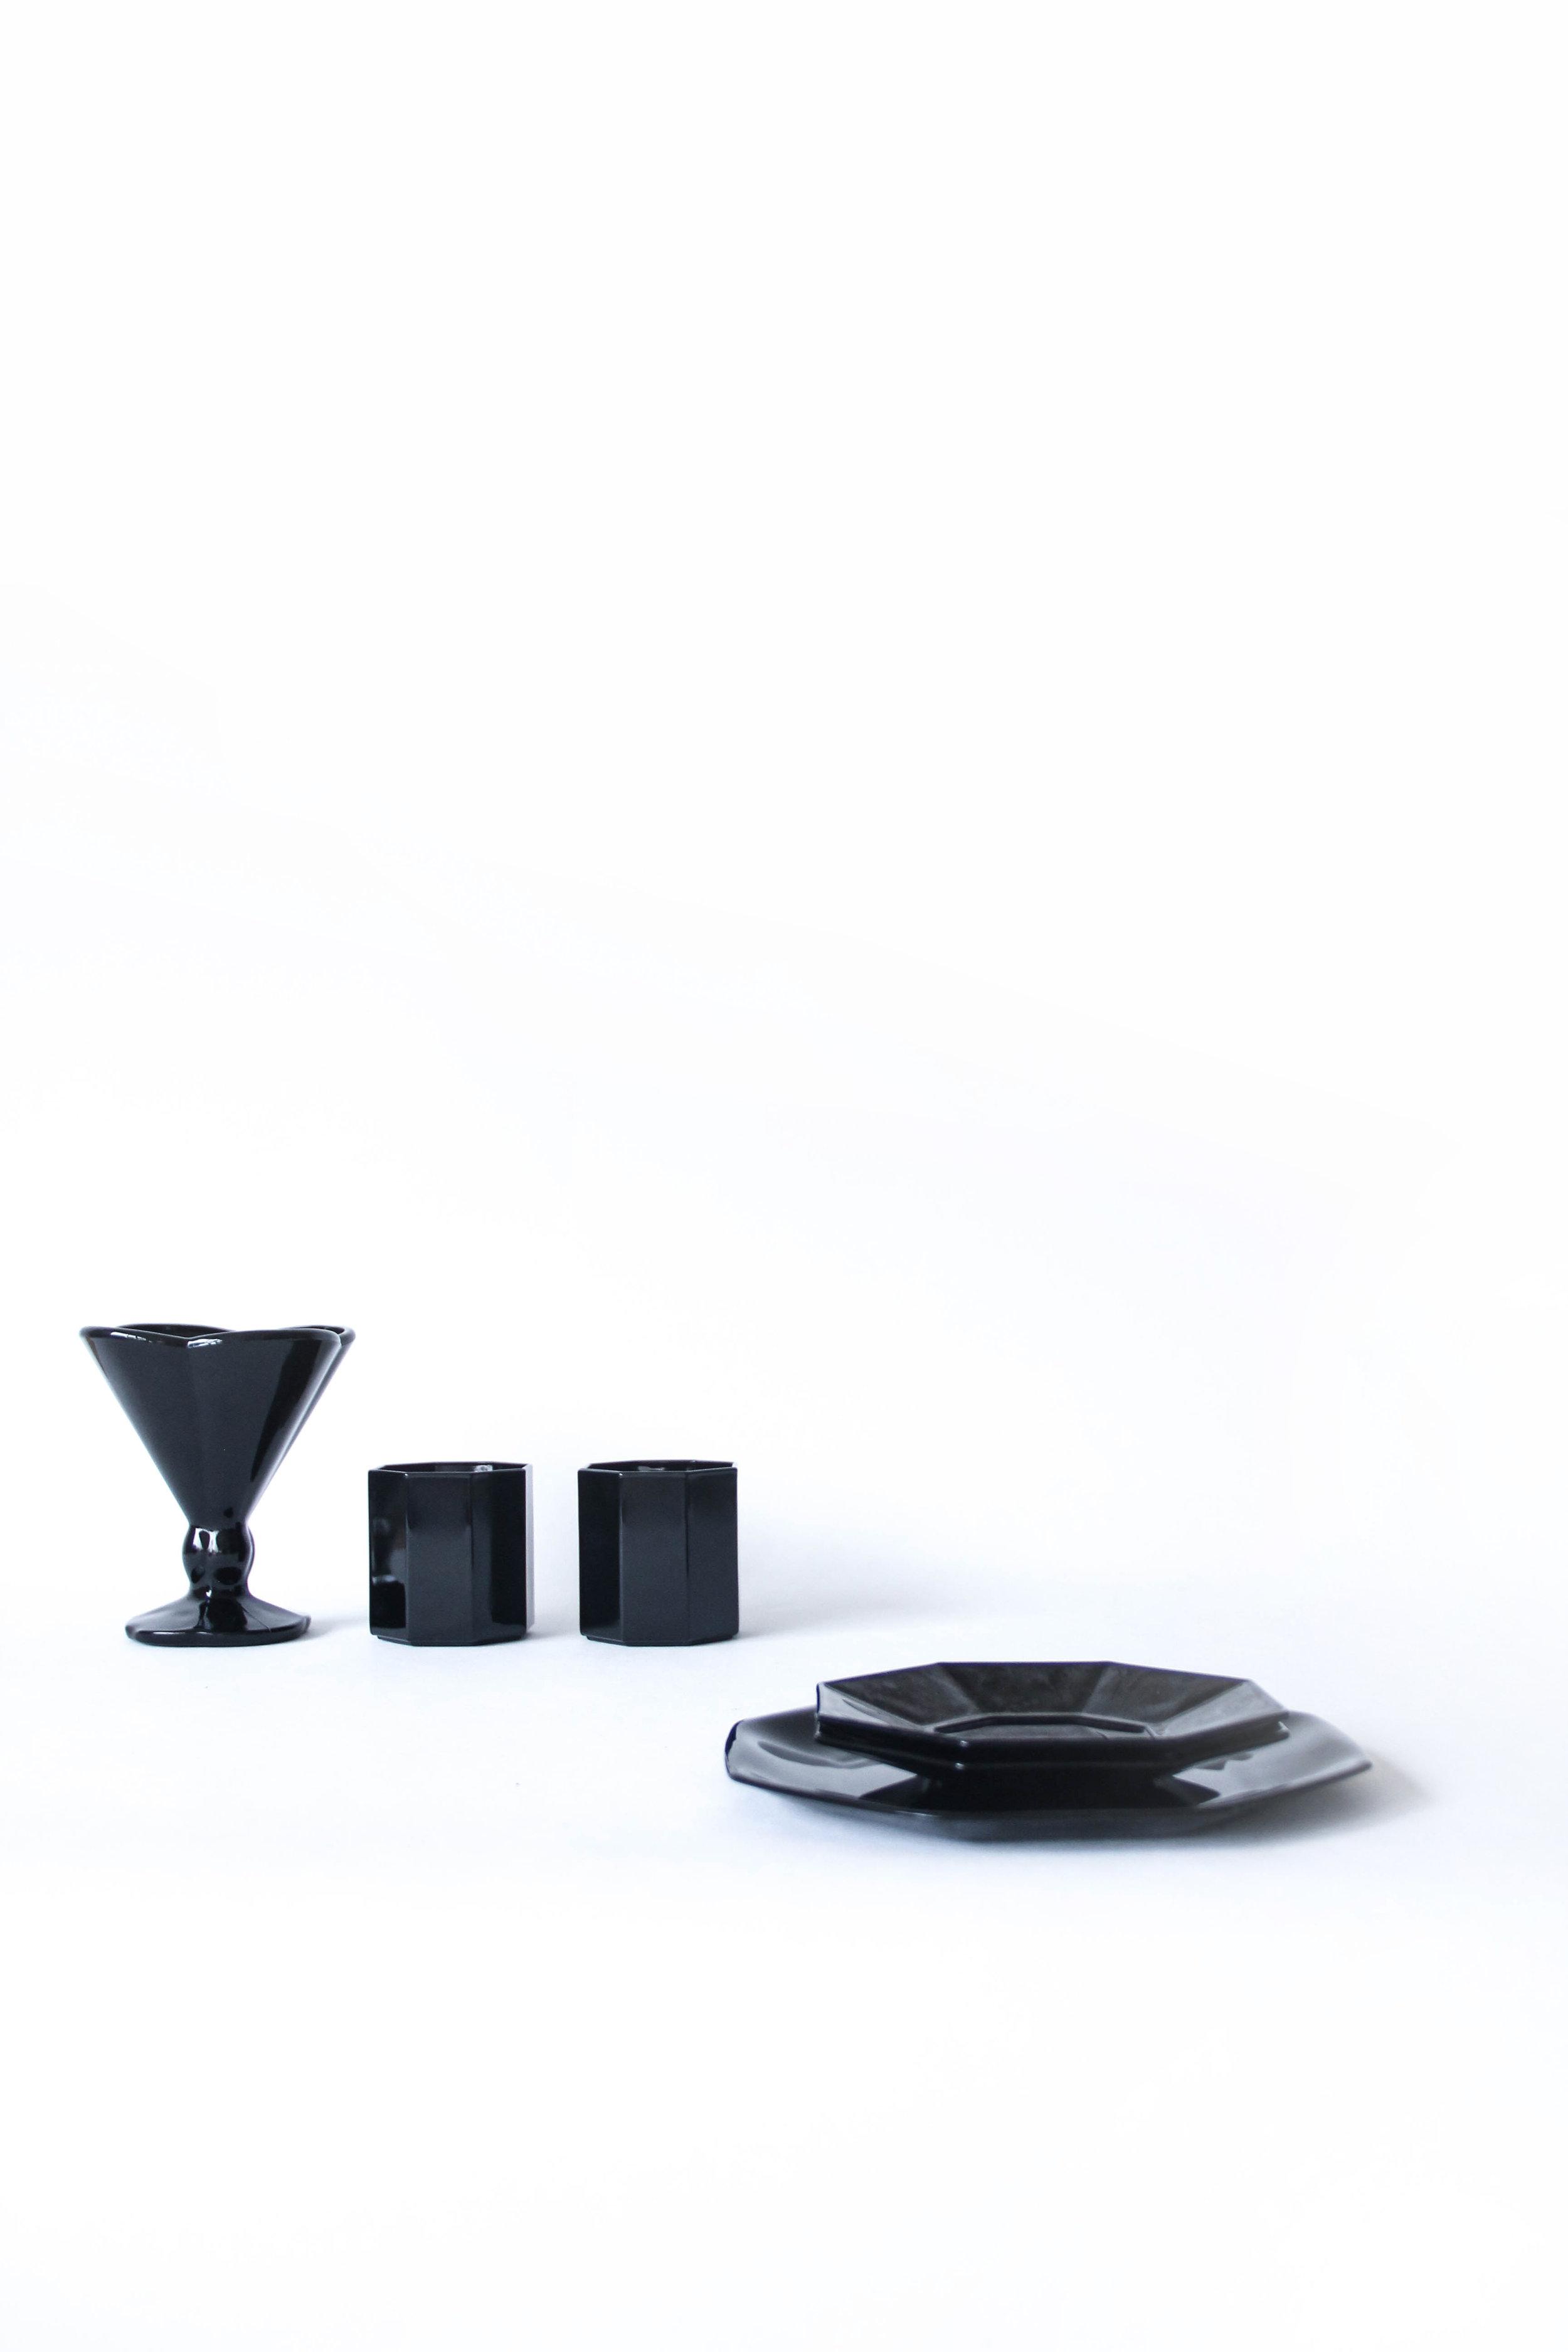 Back to black- € 35 - - Dessertset 6 personen- Bevat: 4 dessertborden (19 cm), 4 kopjes, 4 ondertassen, 4 ijscoupes- Vaatwas: all good- Gebruikssporen: blauwe schijn op enkele schoteltjes